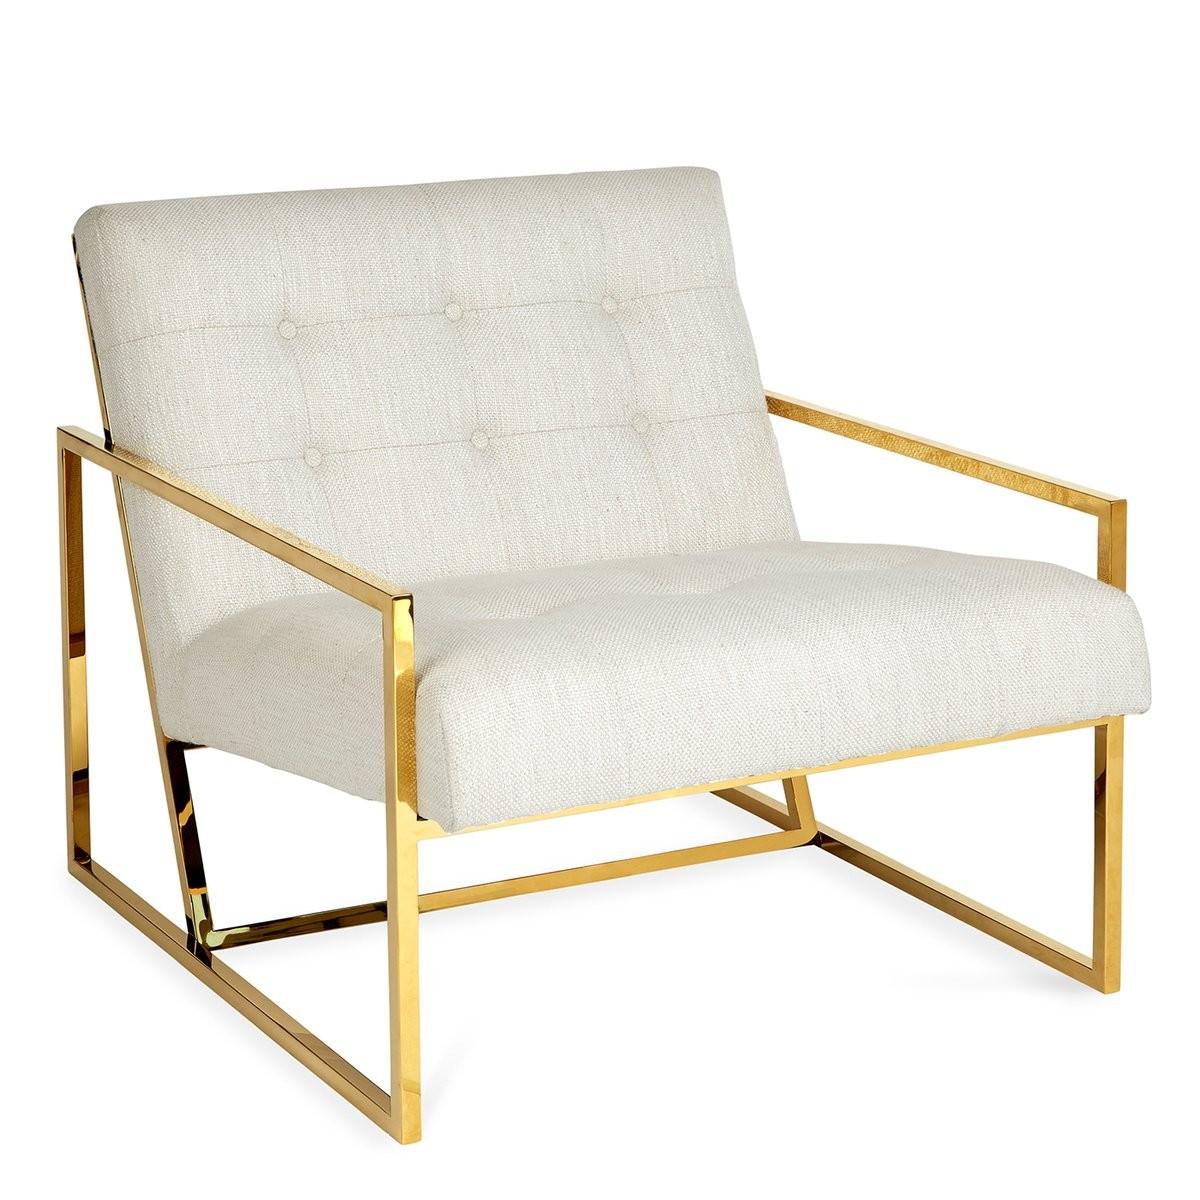 Jonathan Adler I Goldfinger Lounge Chair I Lucerne Oyster